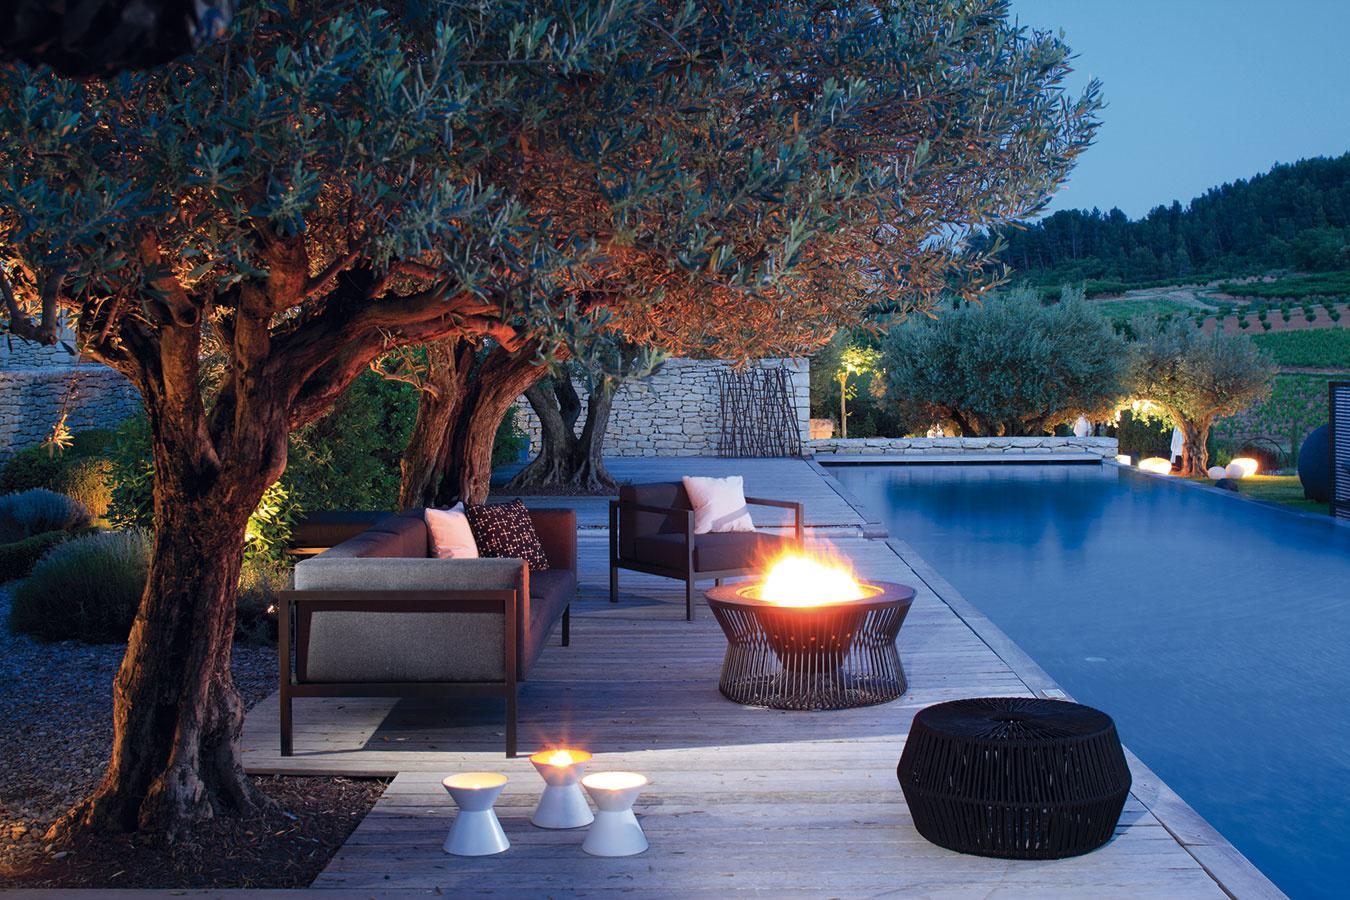 Doplnky môžu hrať na terase aj v okolí bazéna dôležitú úlohu a priestoru dodať výnimočný šarm. Lampáše, olejové lampy, veľkorozmerné kvetináče, ktoré štýlovo (a materiálovo) harmonizujú so zvoleným záhradným nábytkom, či dokonca ohnisko. Zaujímavú ponuku nájdete v sortimente značky Kettal. (Predáva Konsepti.)